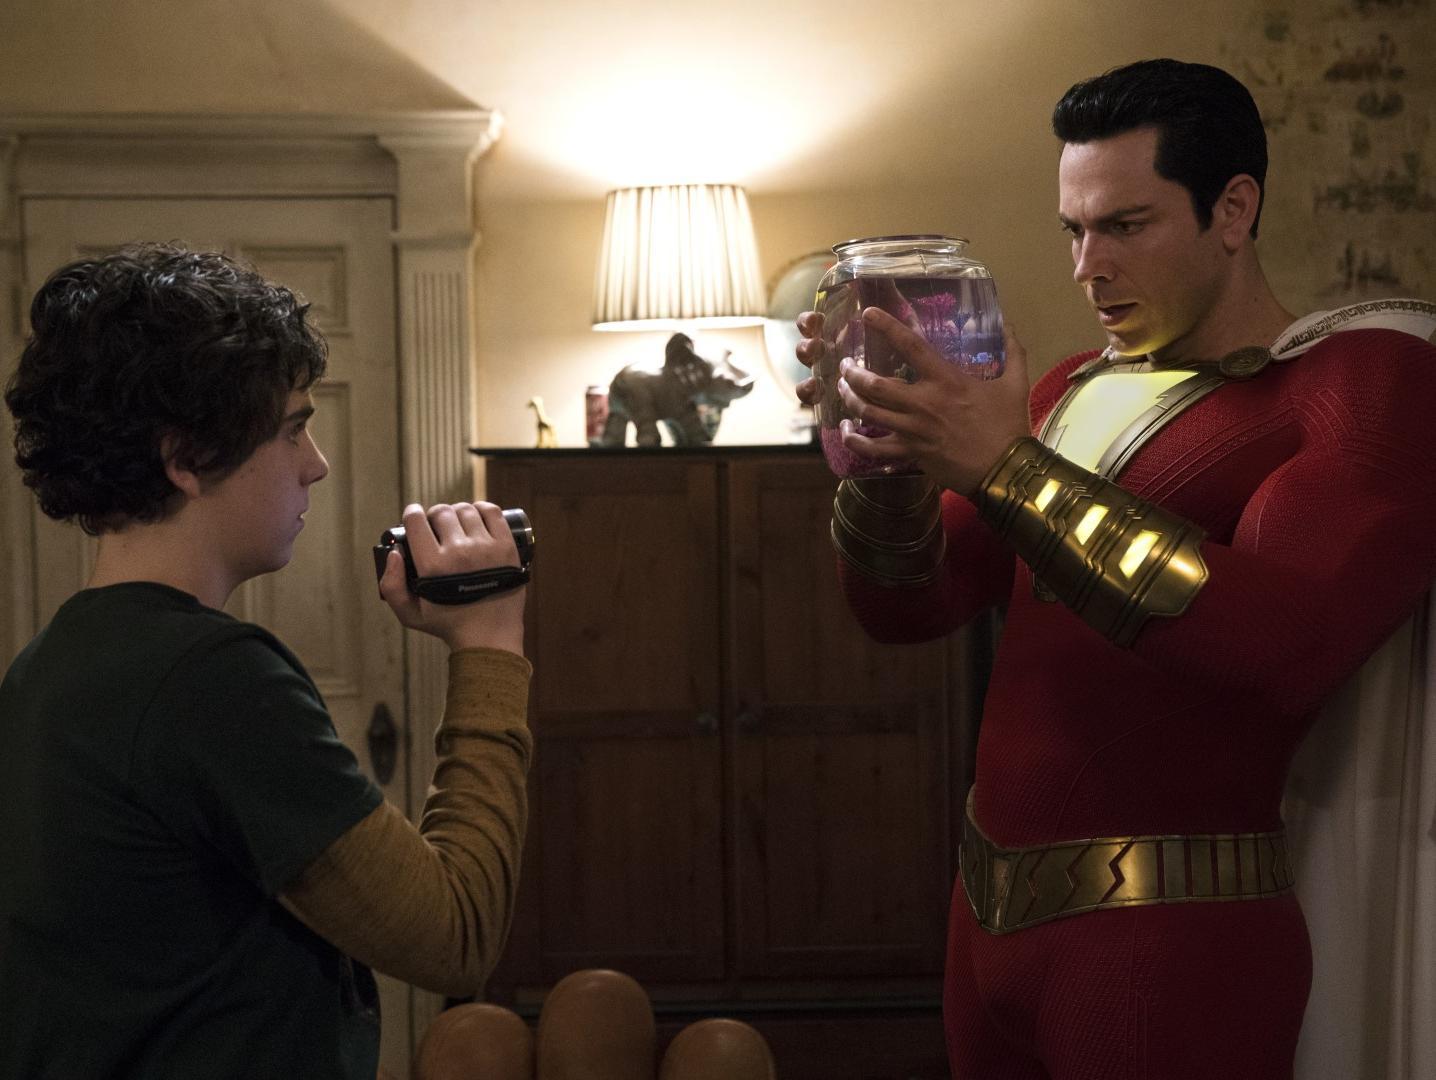 גיבור-על קצת אחר: כל מה שצריך לדעת לקראת הסרט